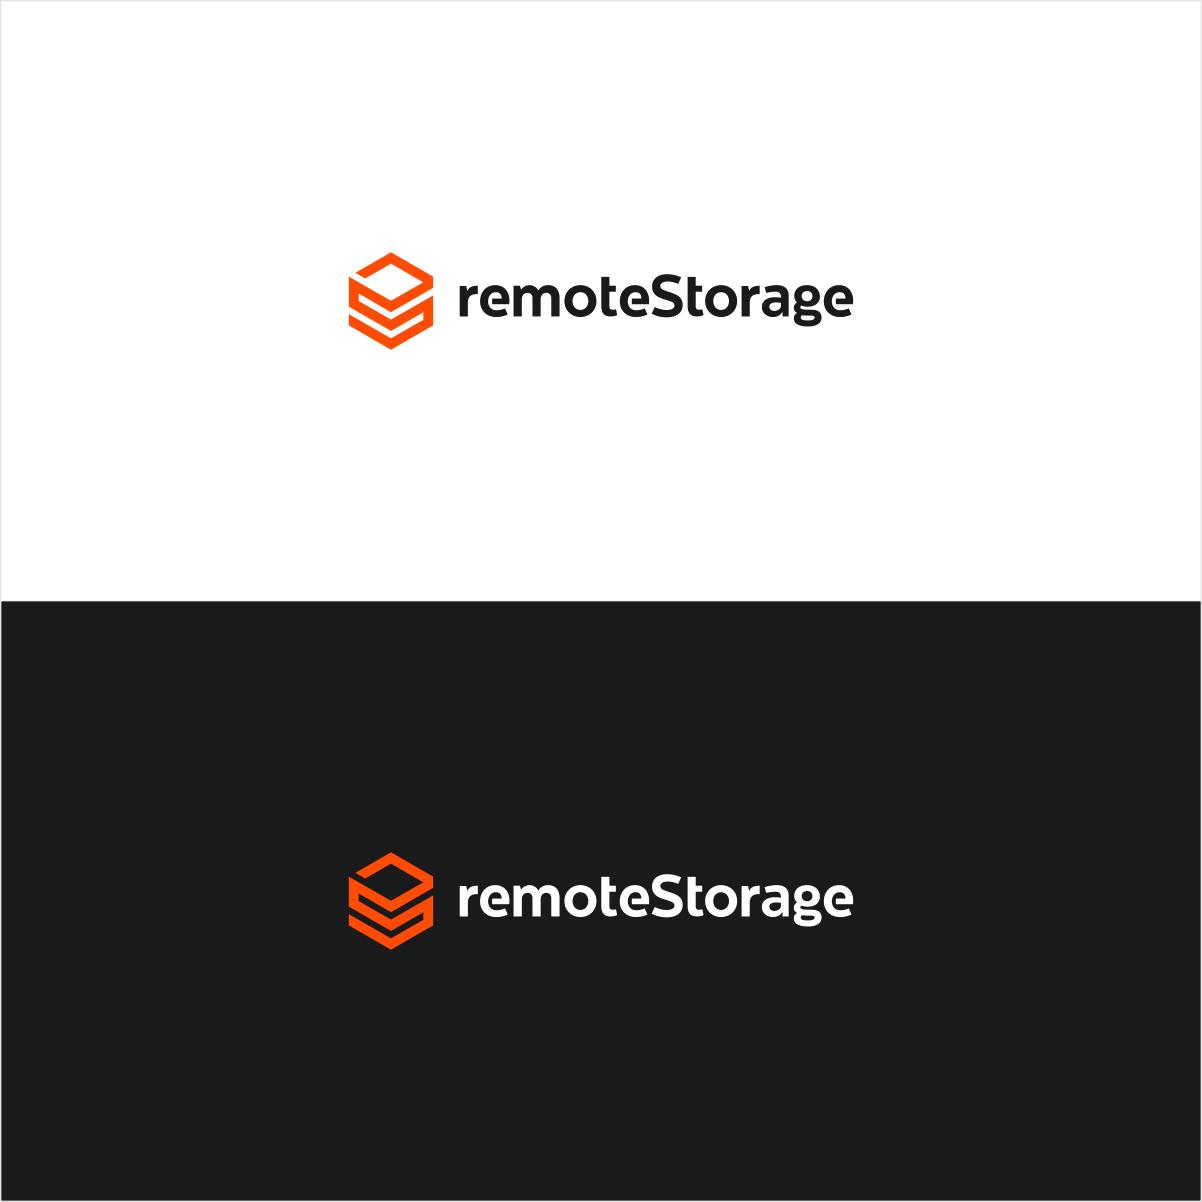 remotestorage_type1